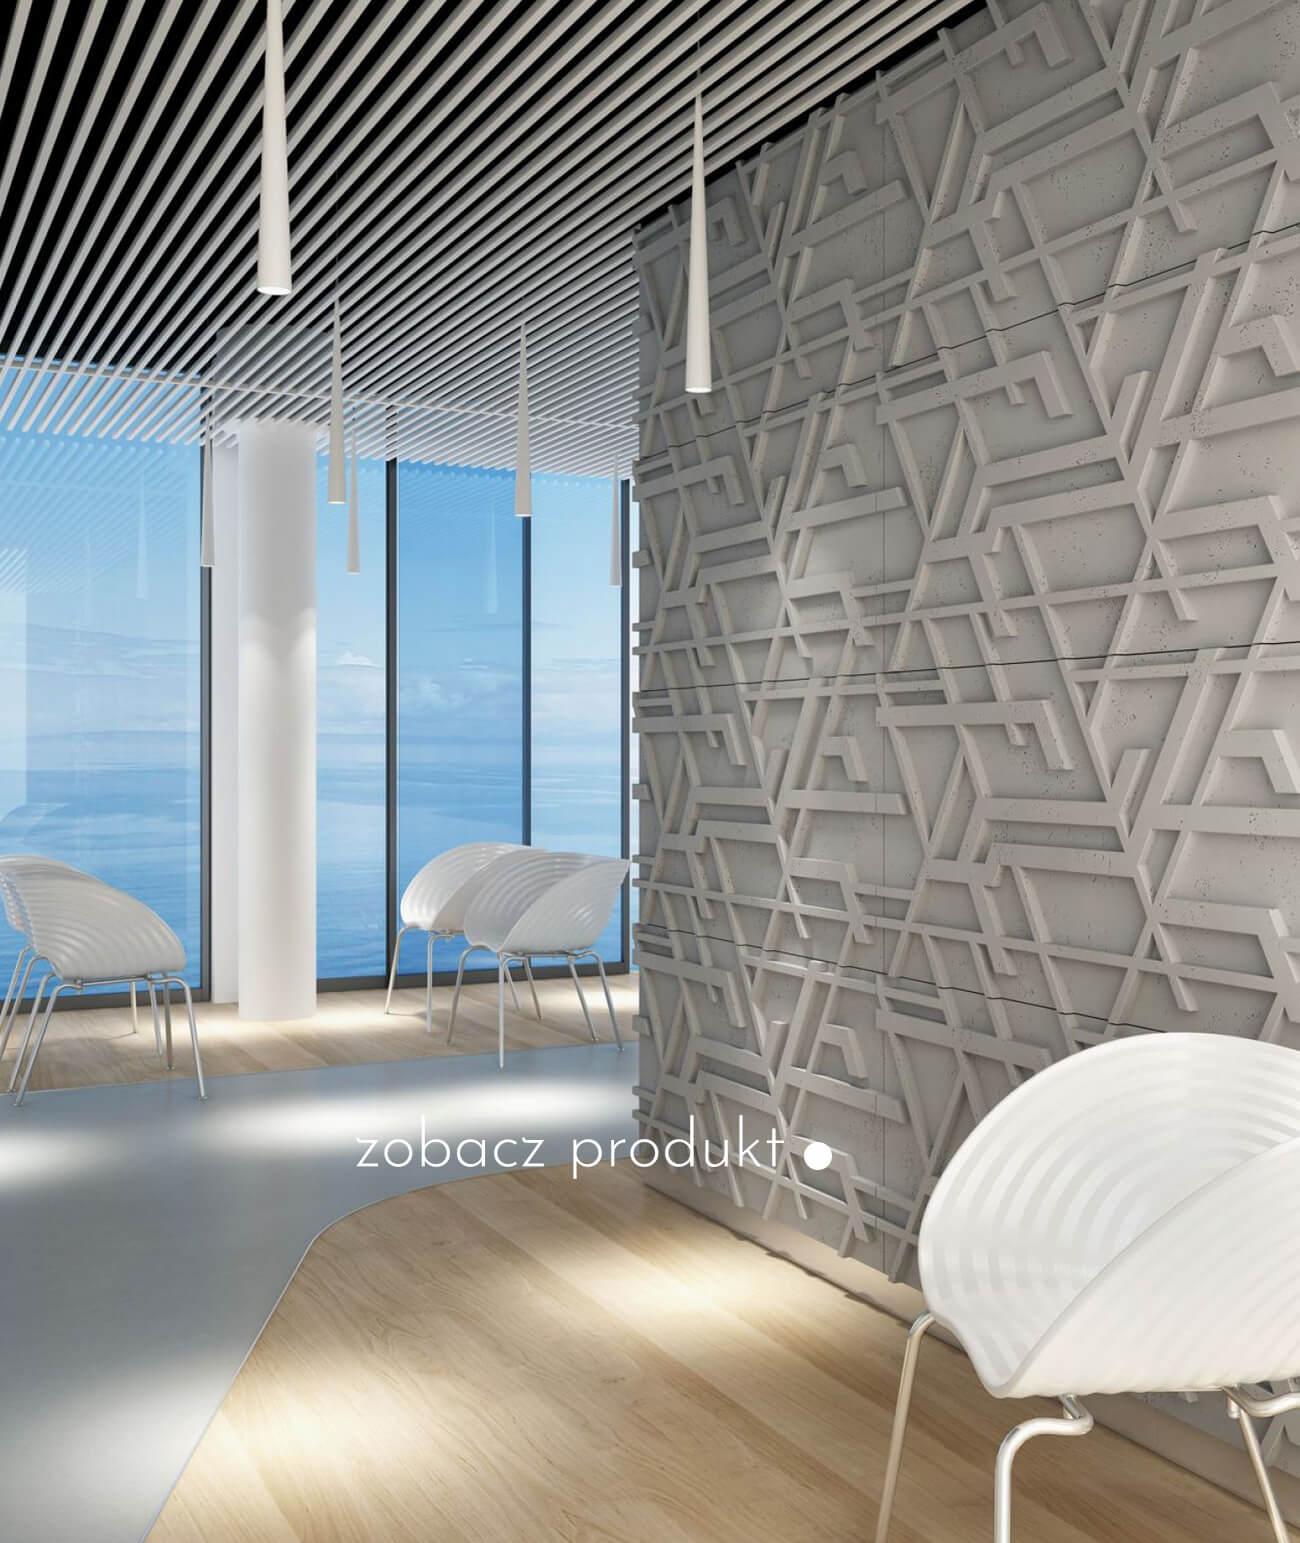 panele-betonowe-3d-scienne-i-elewacyjne-beton-architektoniczny_890-19837-pb27-s95-jasny-szary-golabkowy-kor---panel-dekor-3d-beton-architektoniczny-panel-scienny